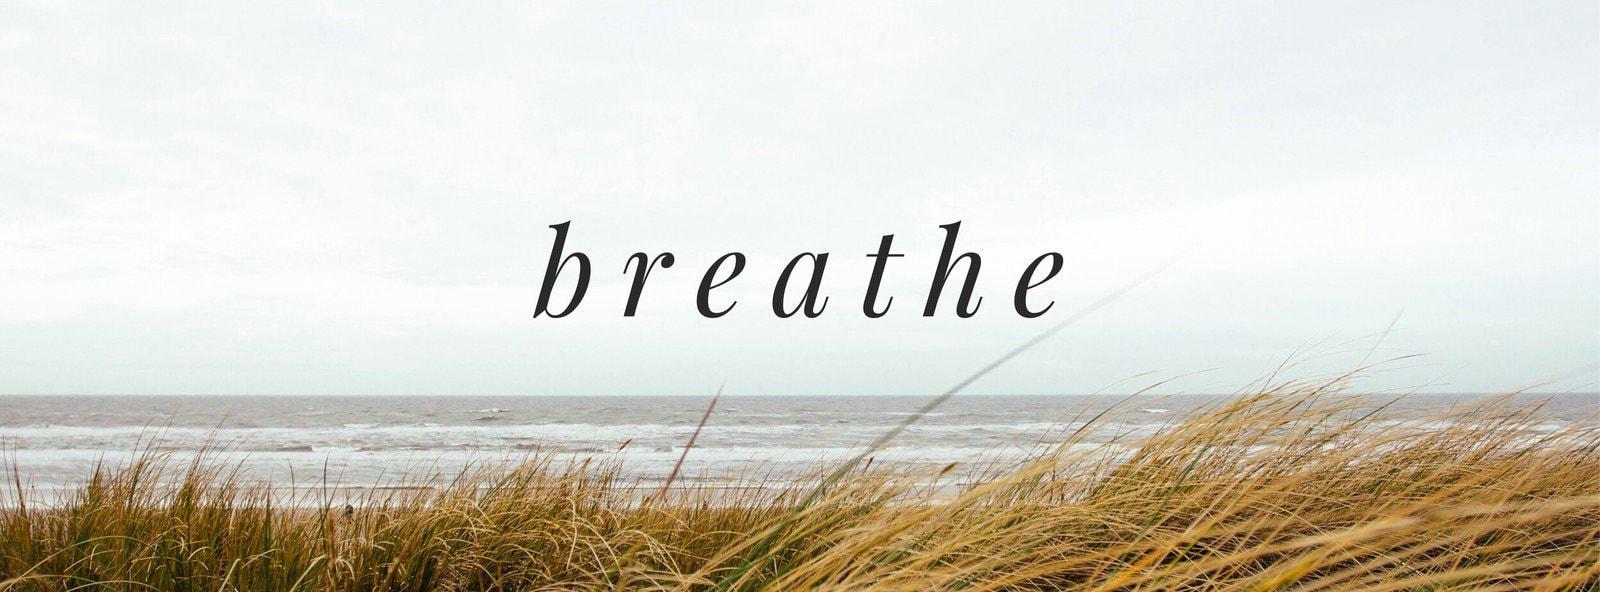 Breathe Facebook Cover